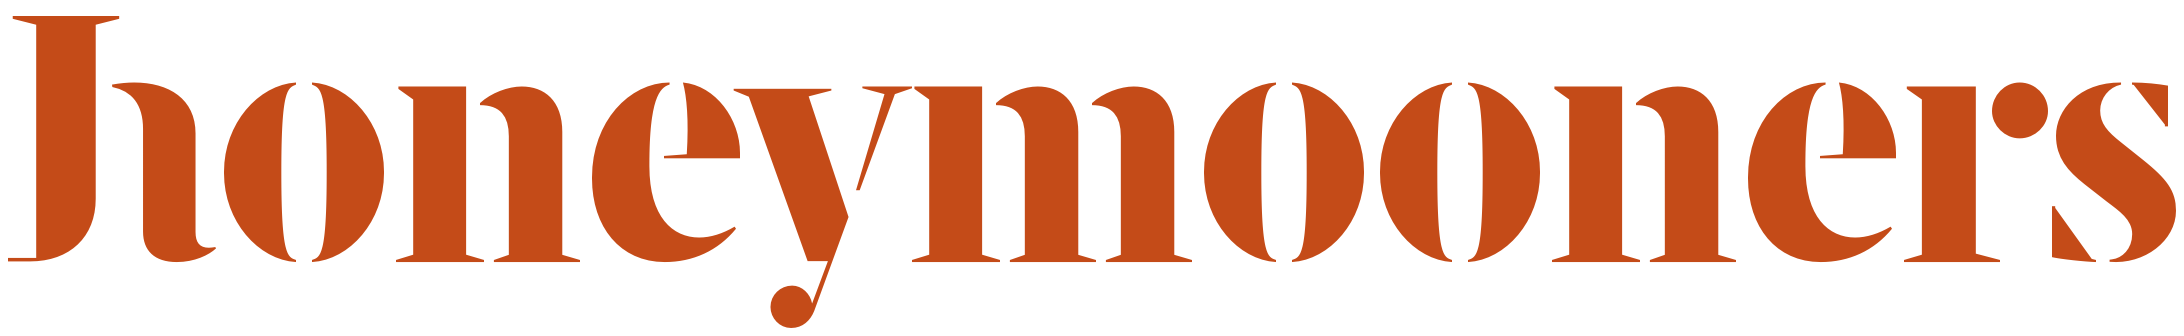 HoneymoonersTravel_Logo_FundoBranco